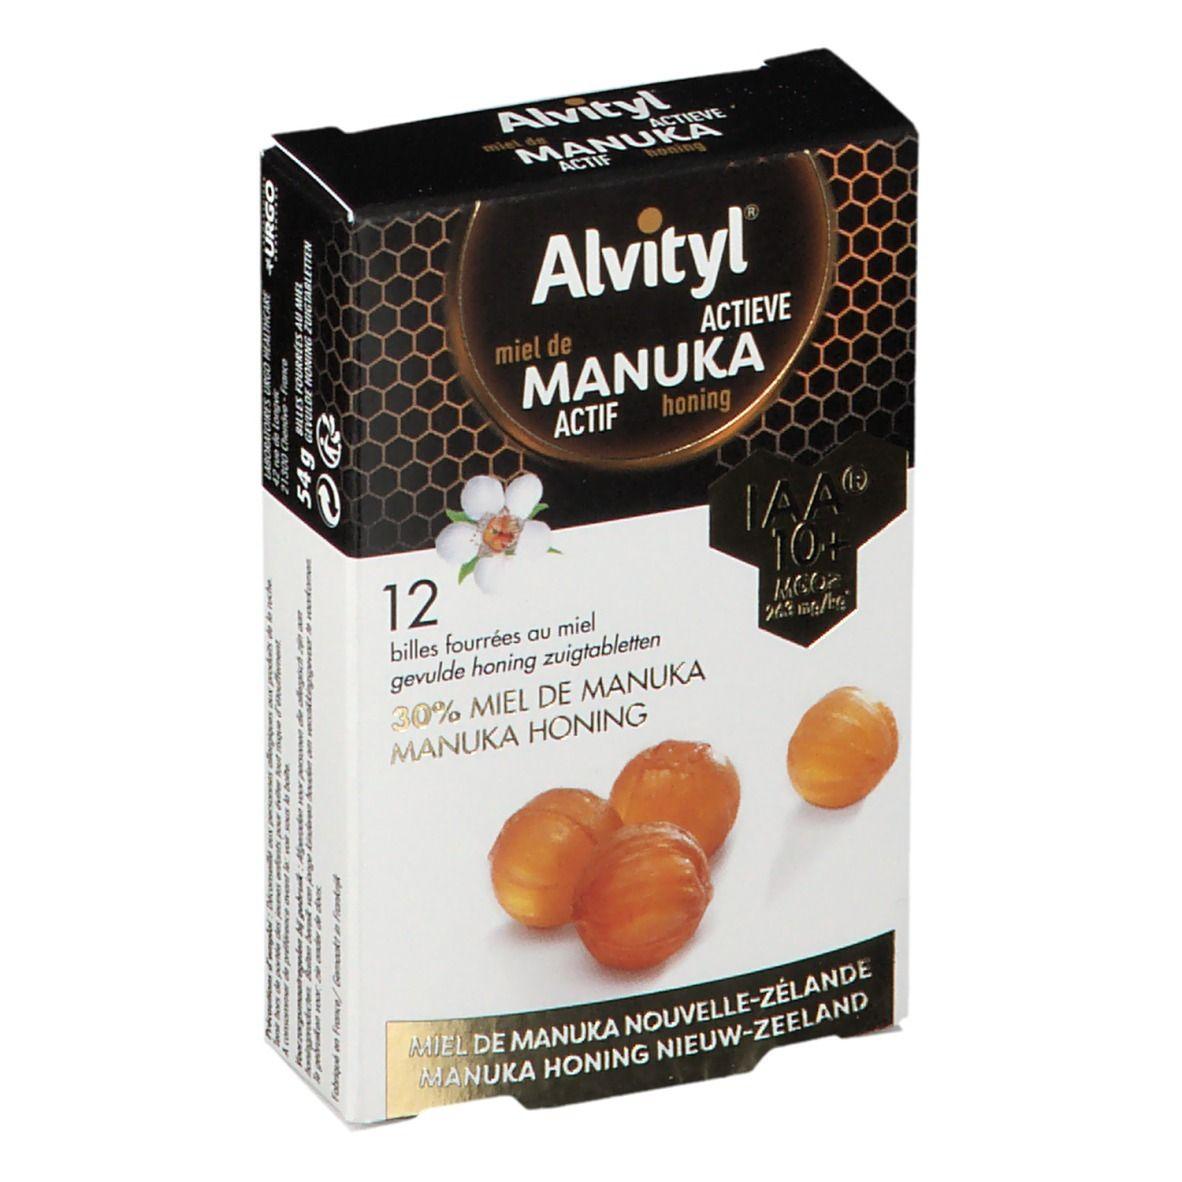 Image of Alvityl Manuka-Honig AKTIV